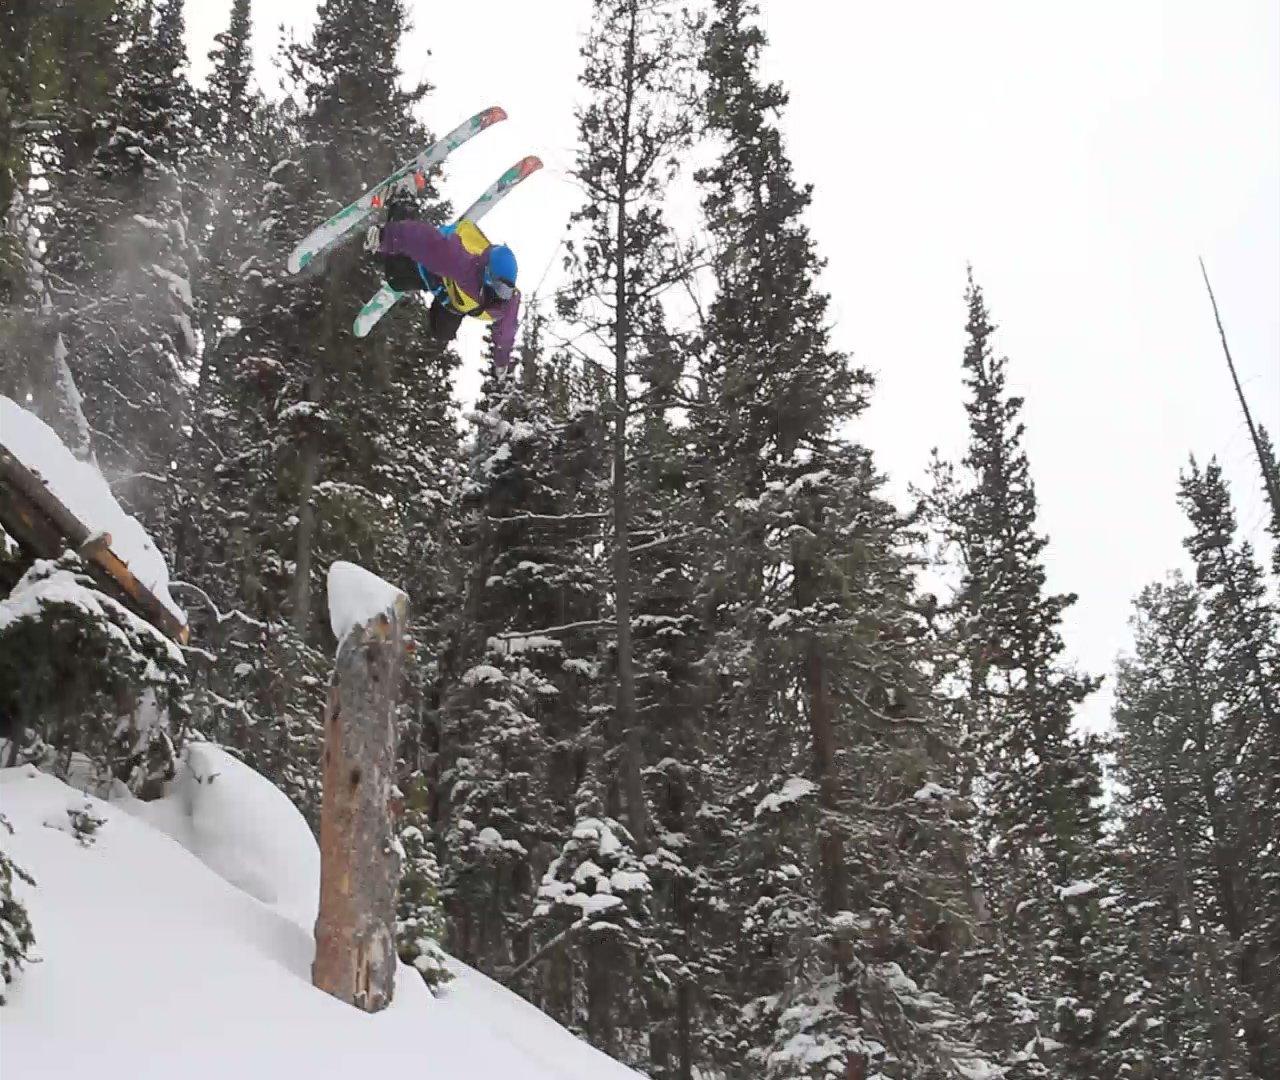 Downdays in Montana